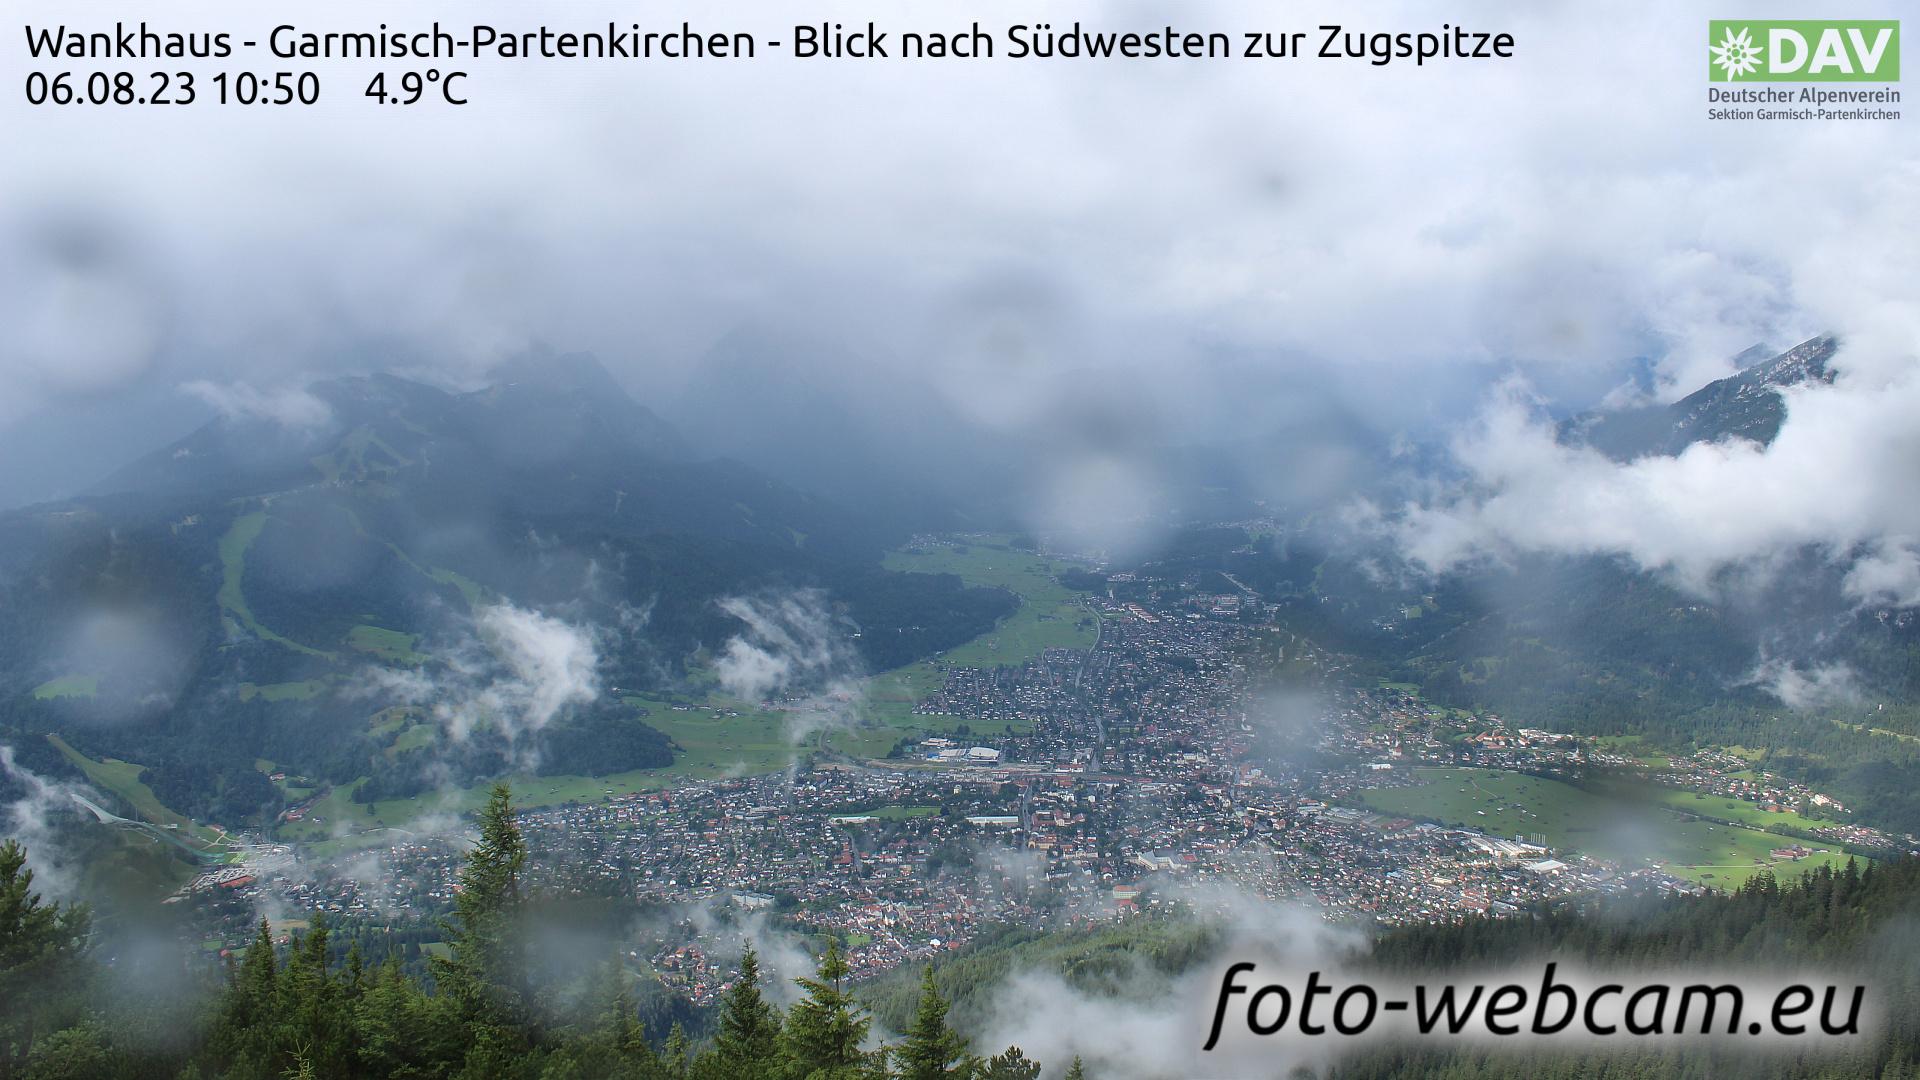 Garmisch-Partenkirchen Mon. 10:52